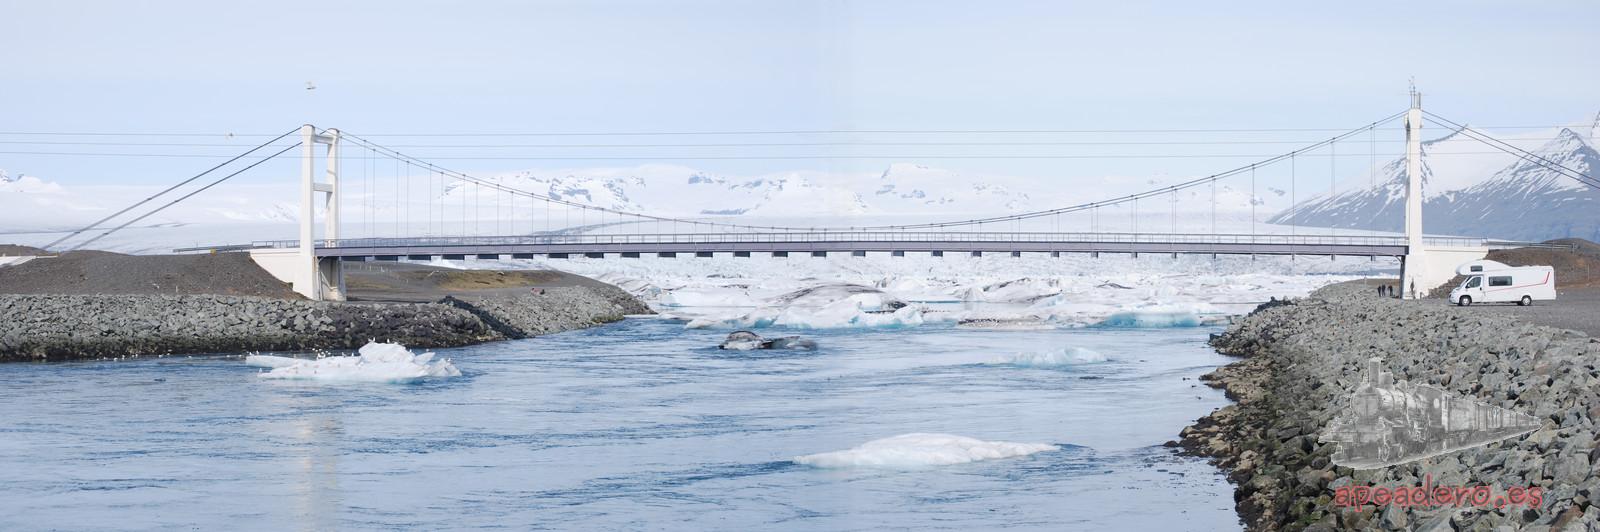 El puente pertenece a la carretera Ring Road, al fondo está la laguna Jokulsarlon y la foto está tomada desde la playa.